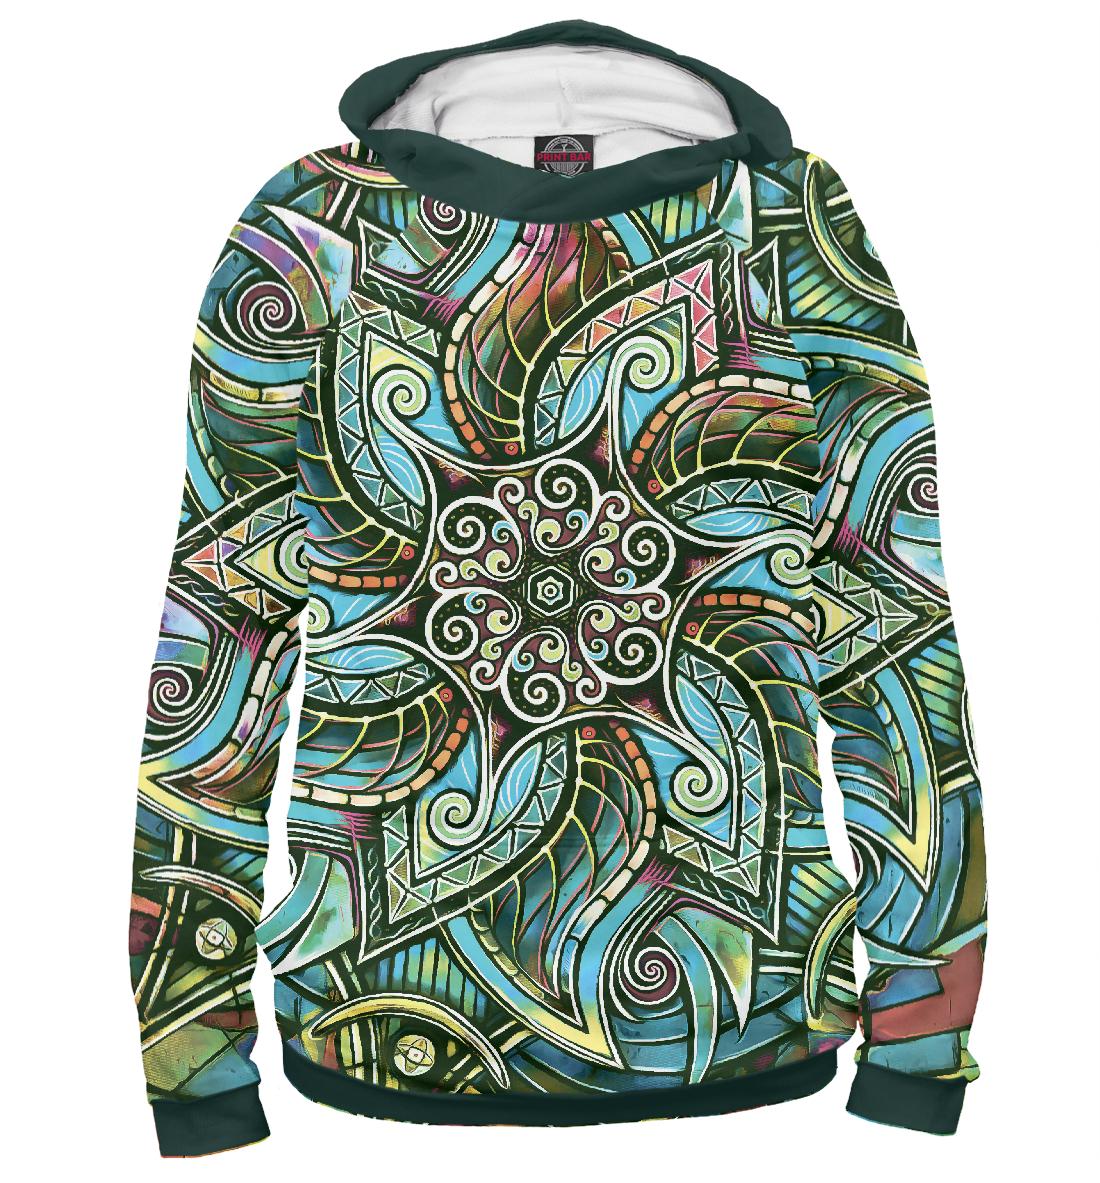 Купить Мандала Защитный Спиральный Цветок, Printbar, Худи, PSY-372574-hud-2